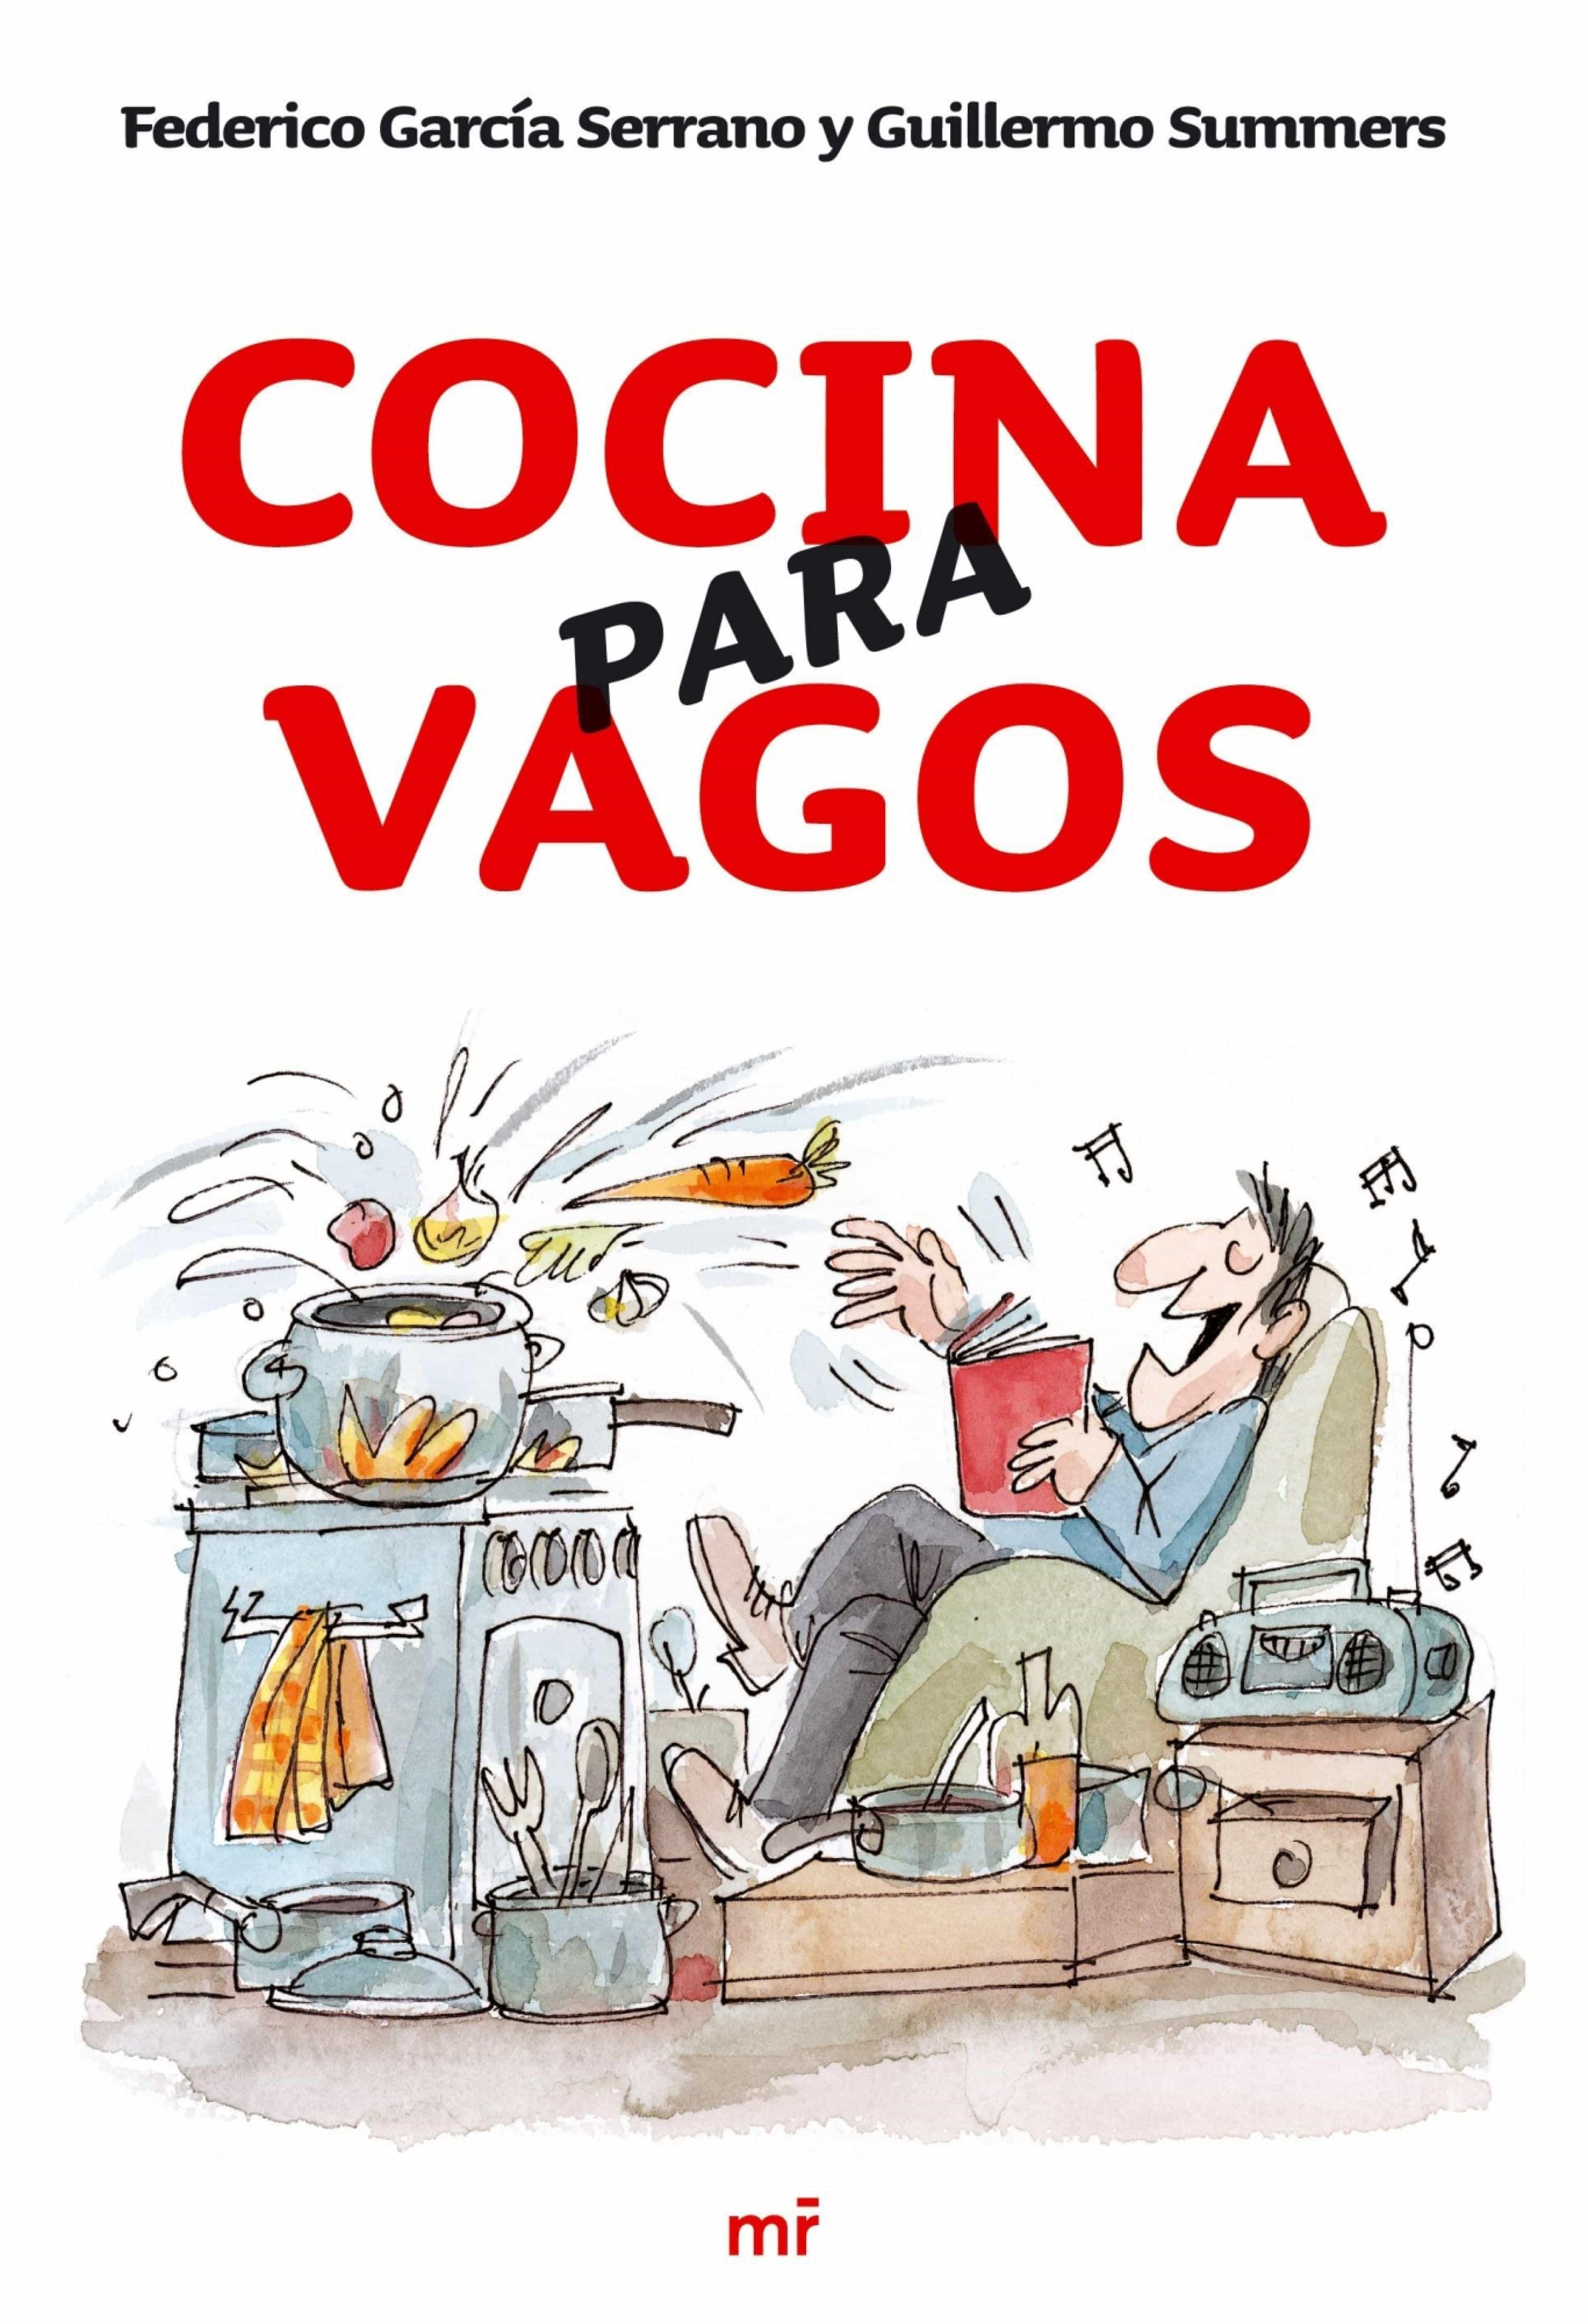 Descargar Libros De Cocina | Cocina Para Vagos Ebook Federico Garcia Serrano Descargar